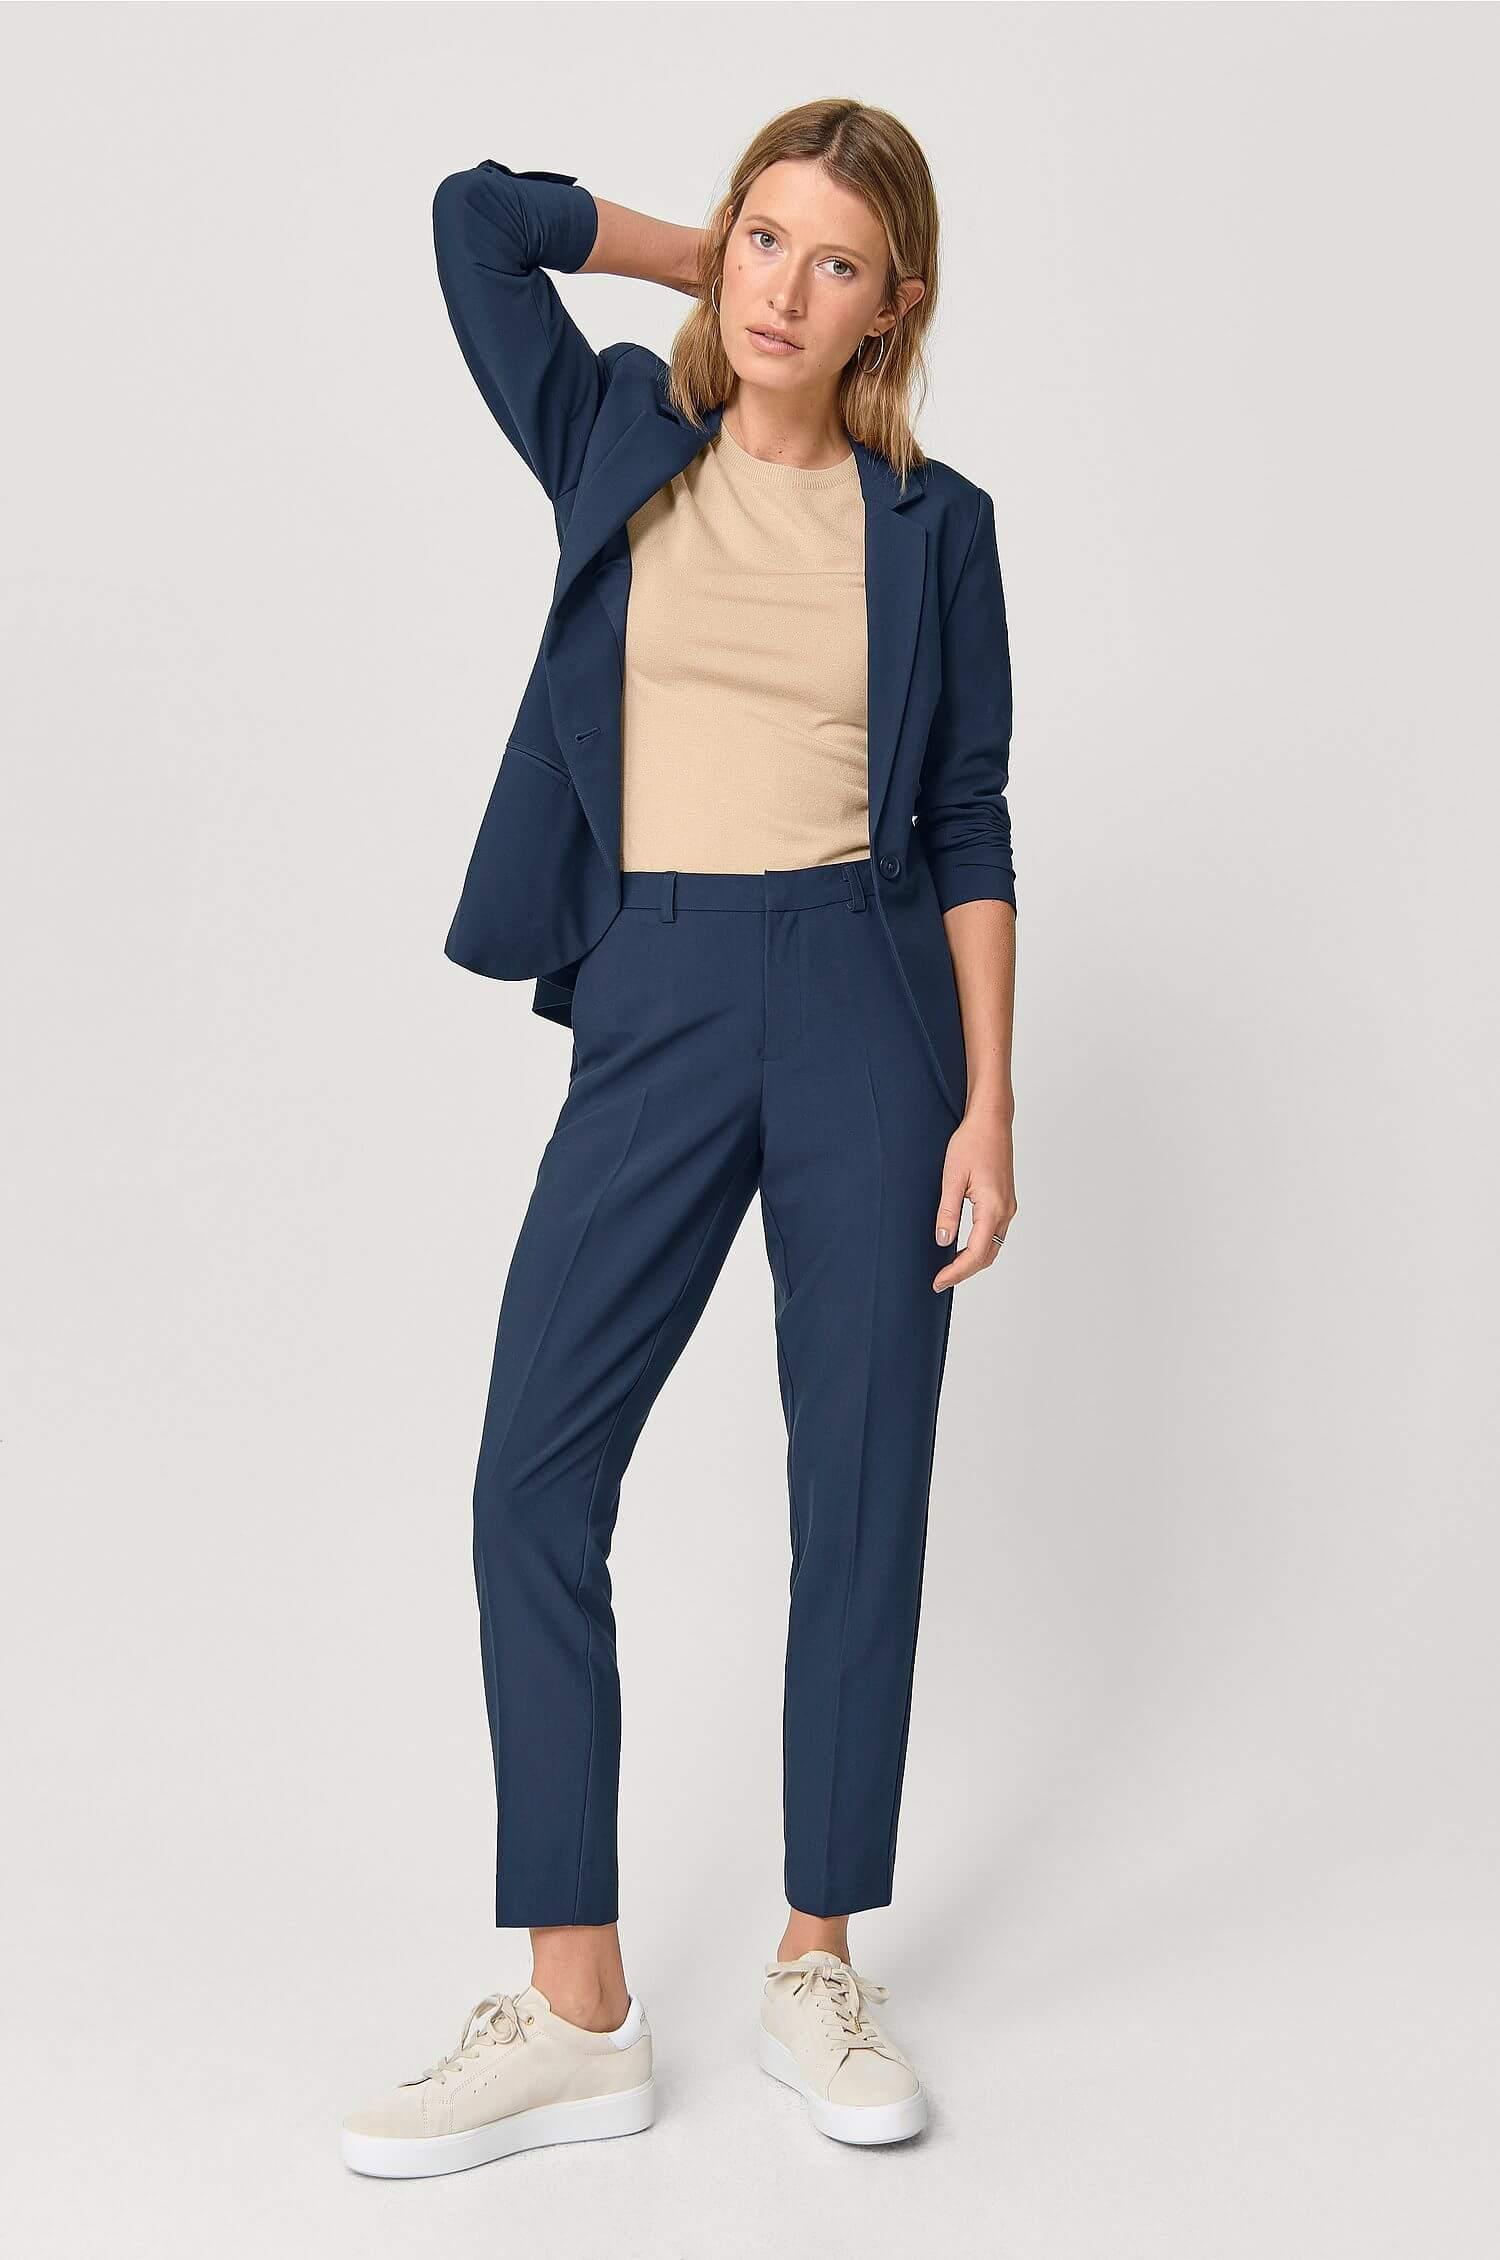 Kostym kvinna 23 kostymer för dam till bröllop och fest 2020